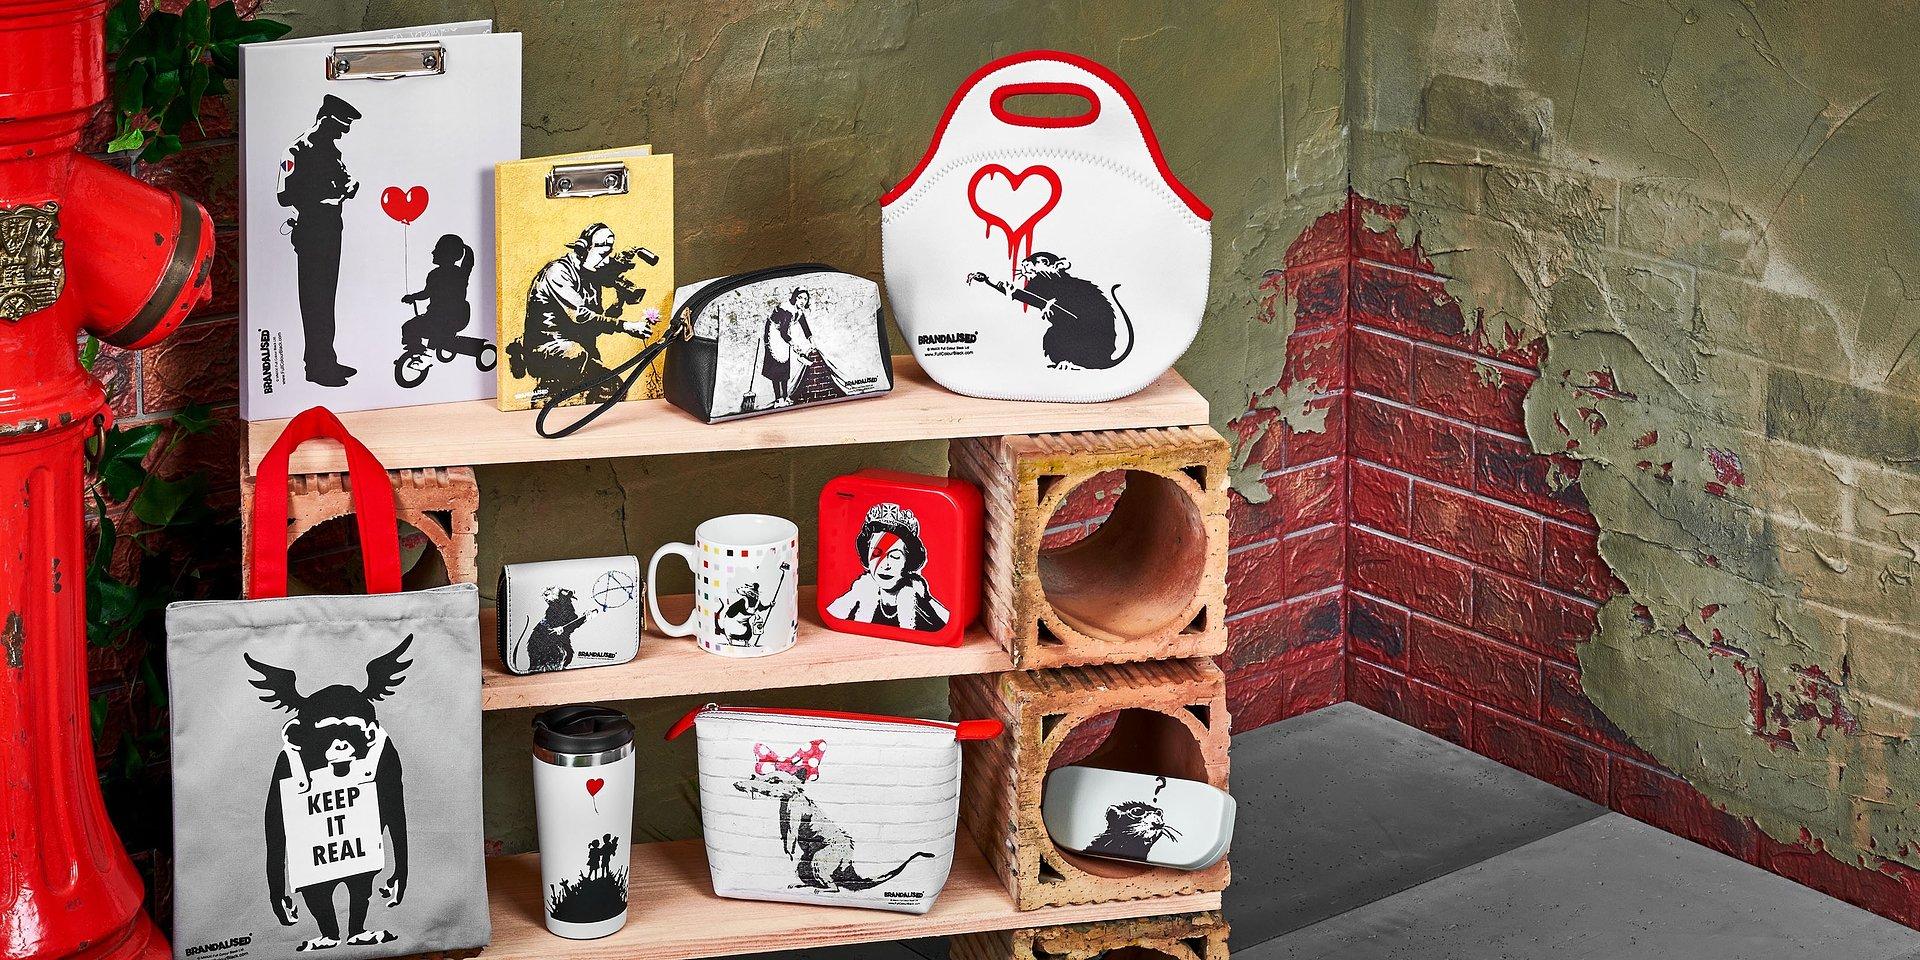 Kolekcja inspirowana twórczością Banksy'ego już w Empiku